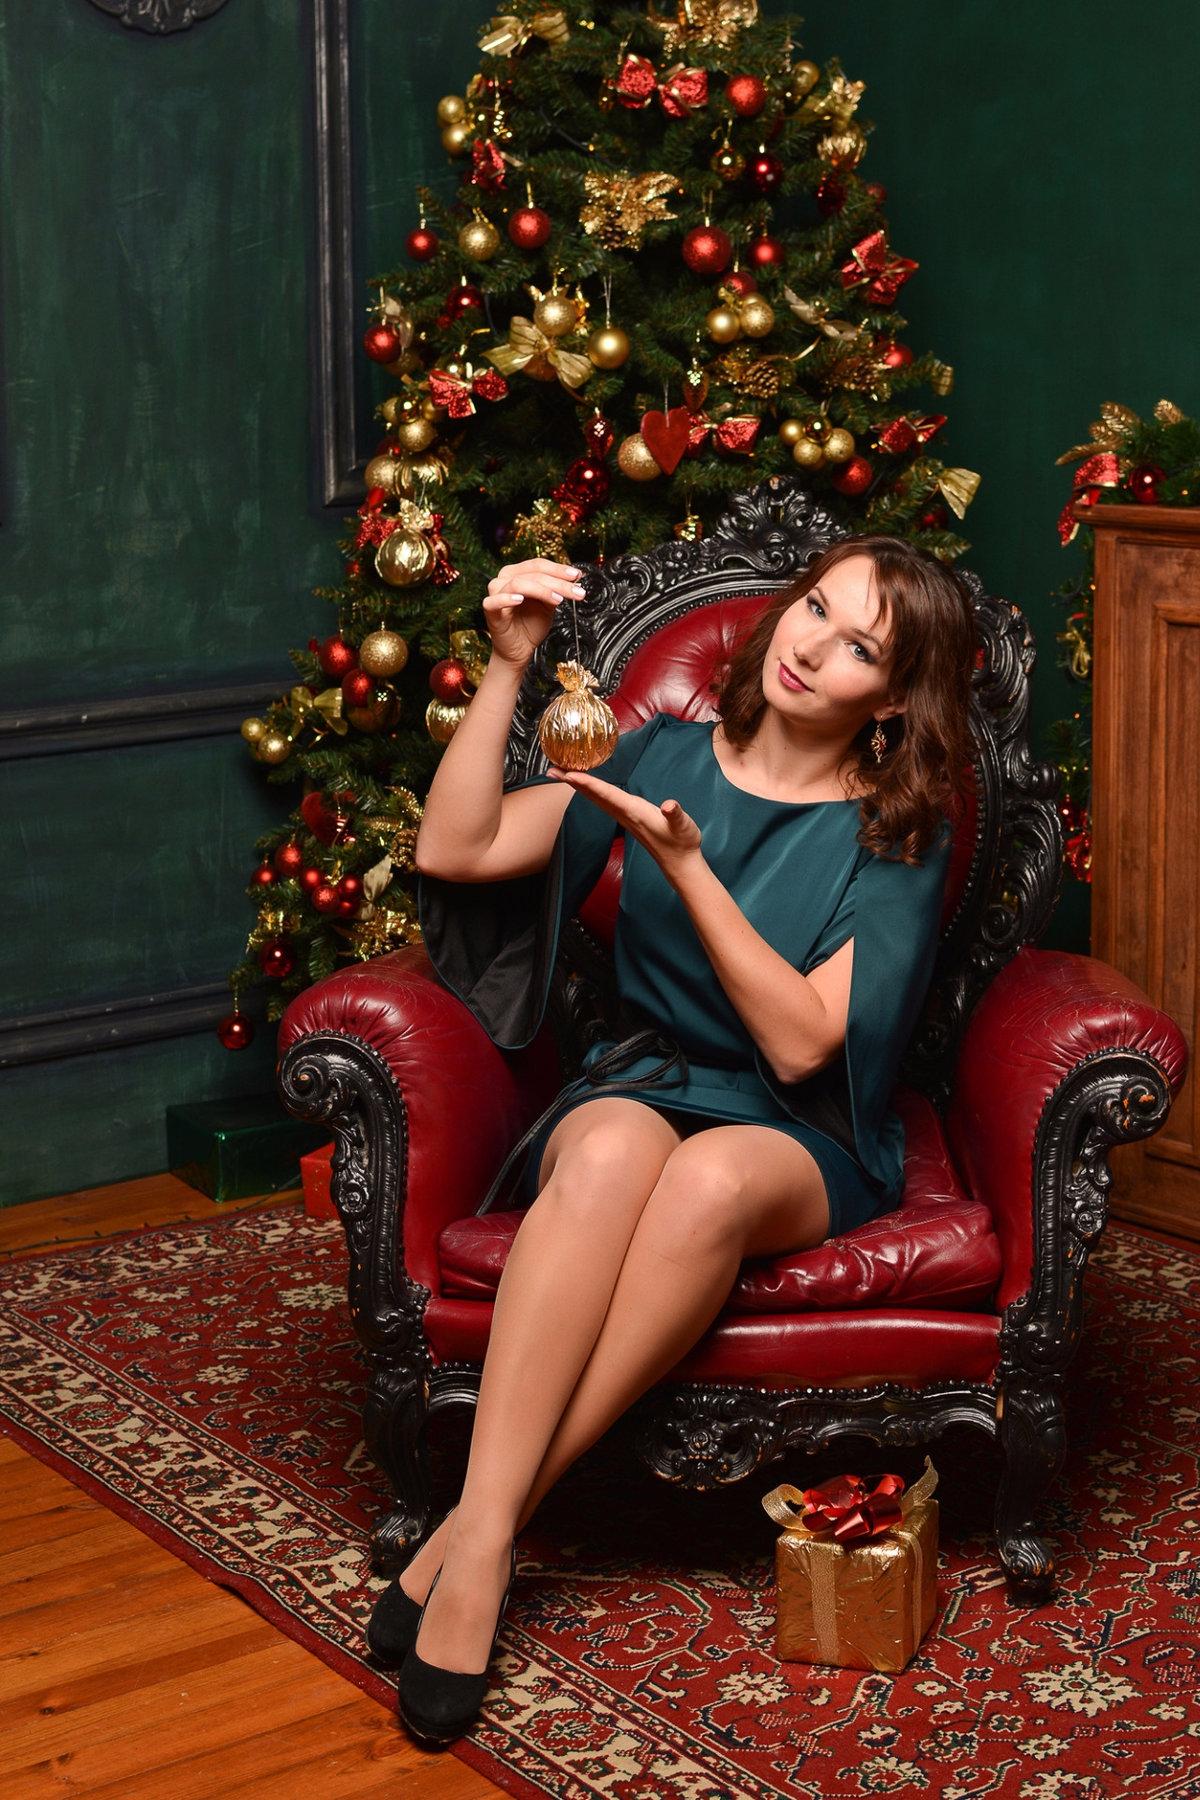 Новогодняя фотосессия в студии как позировать